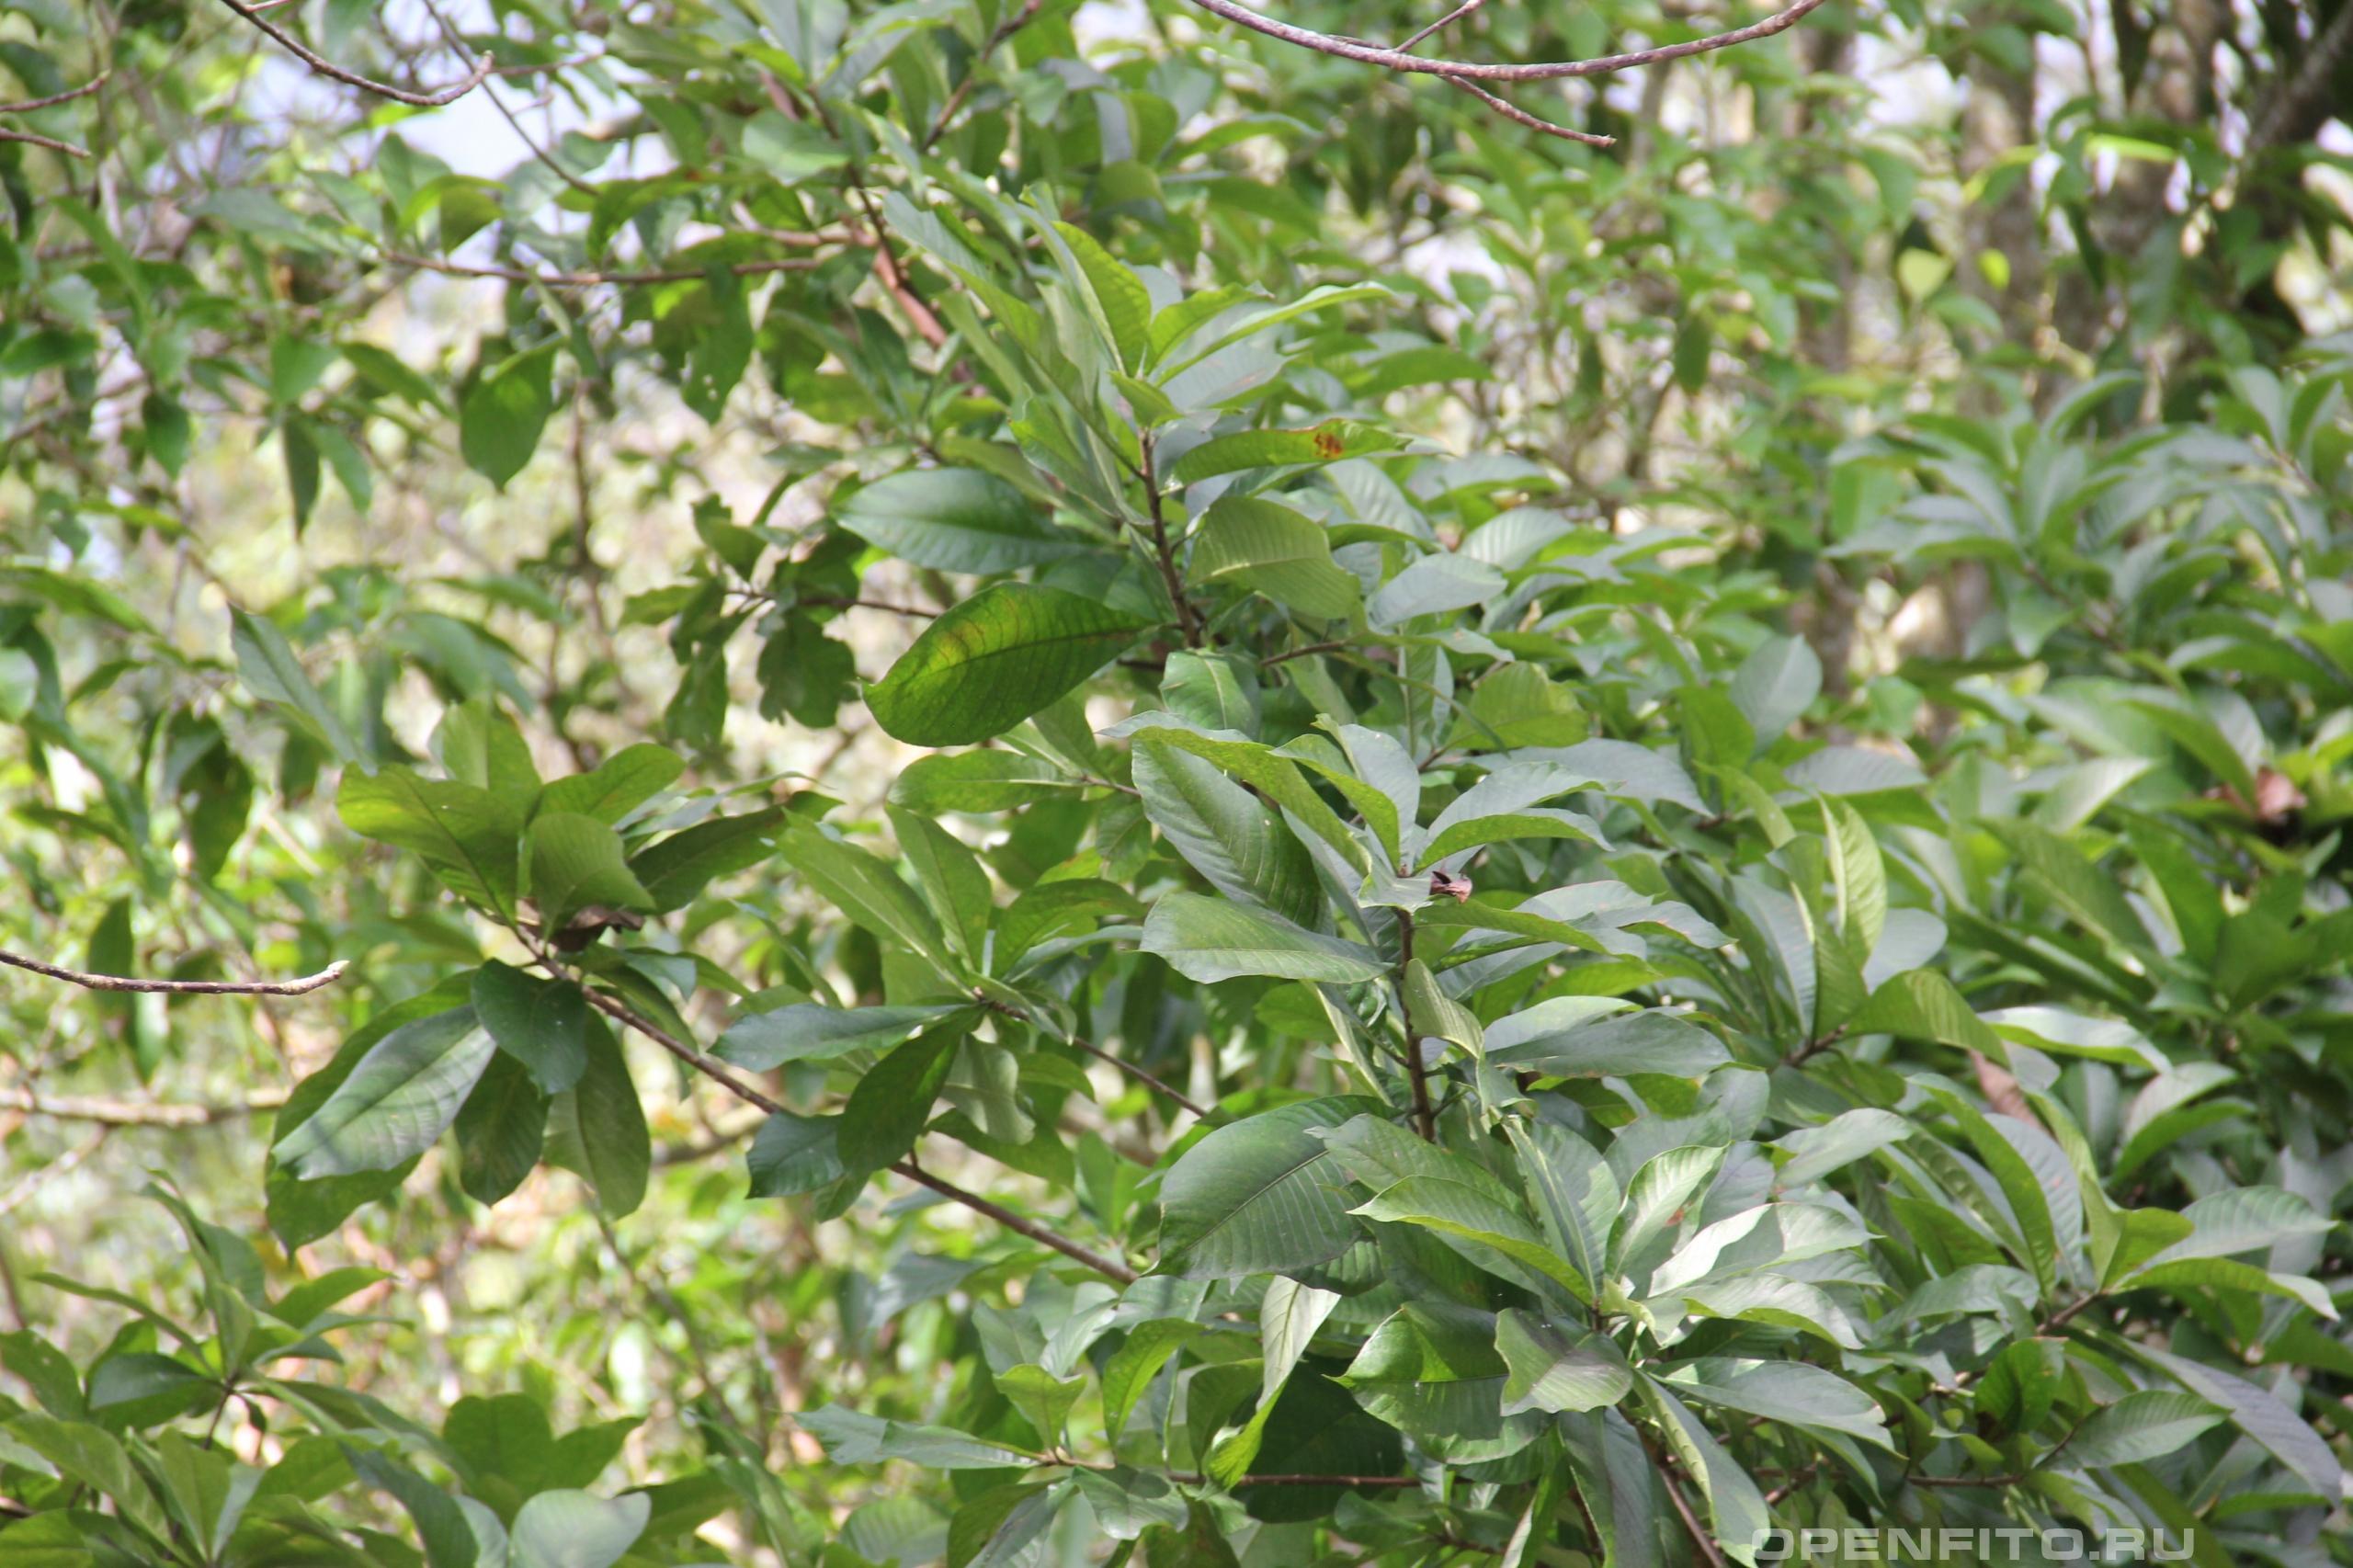 Курупита гвианская листья вечнозеленого дерева